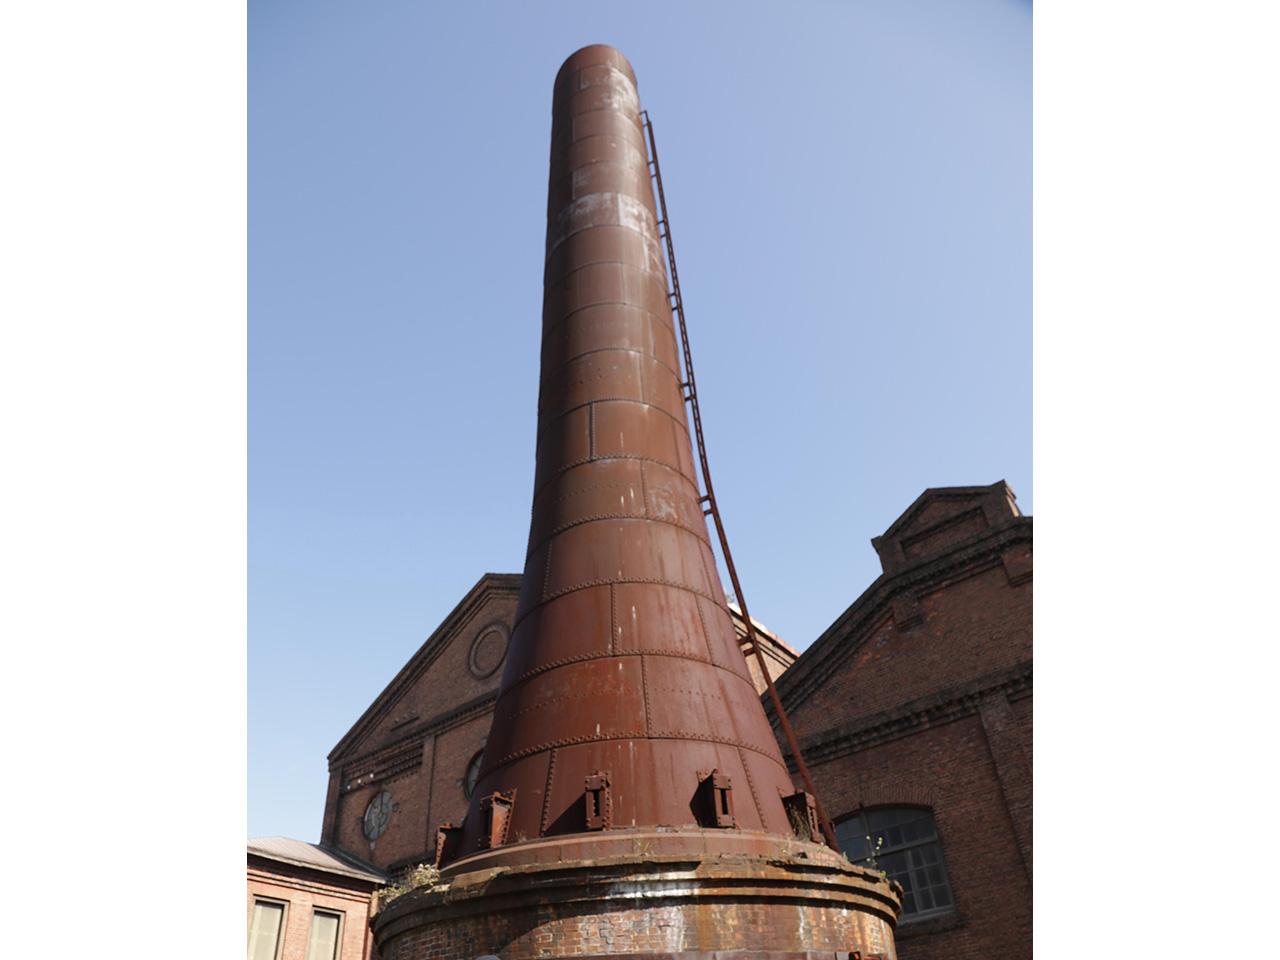 画像:旧火力発電所(日本製鋼所)(3)